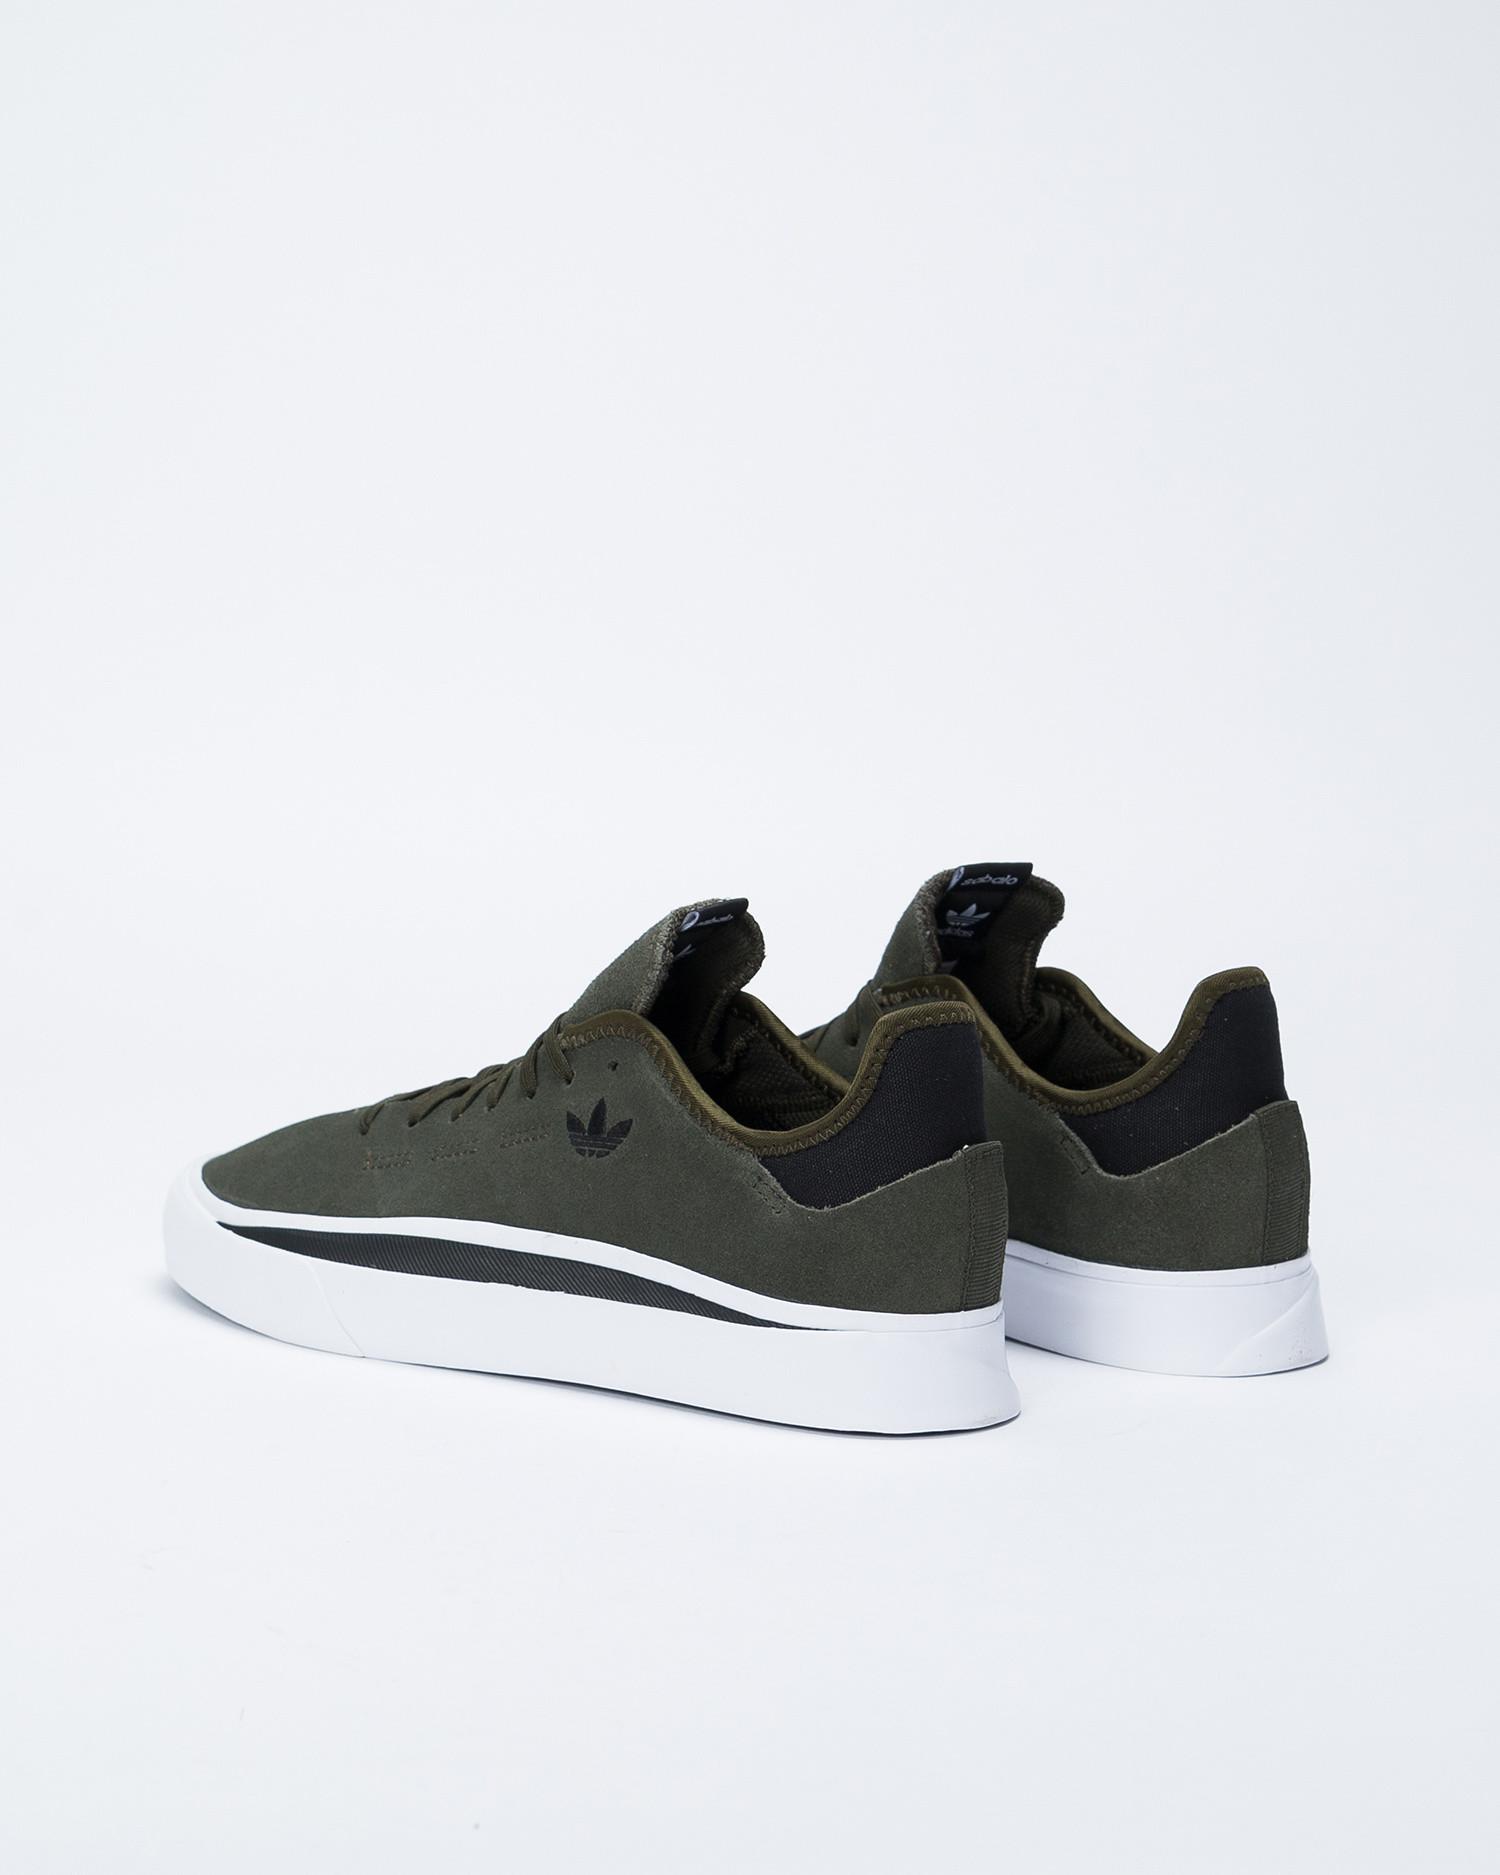 Adidas Sabalo Ngtcar/Footwearwhite